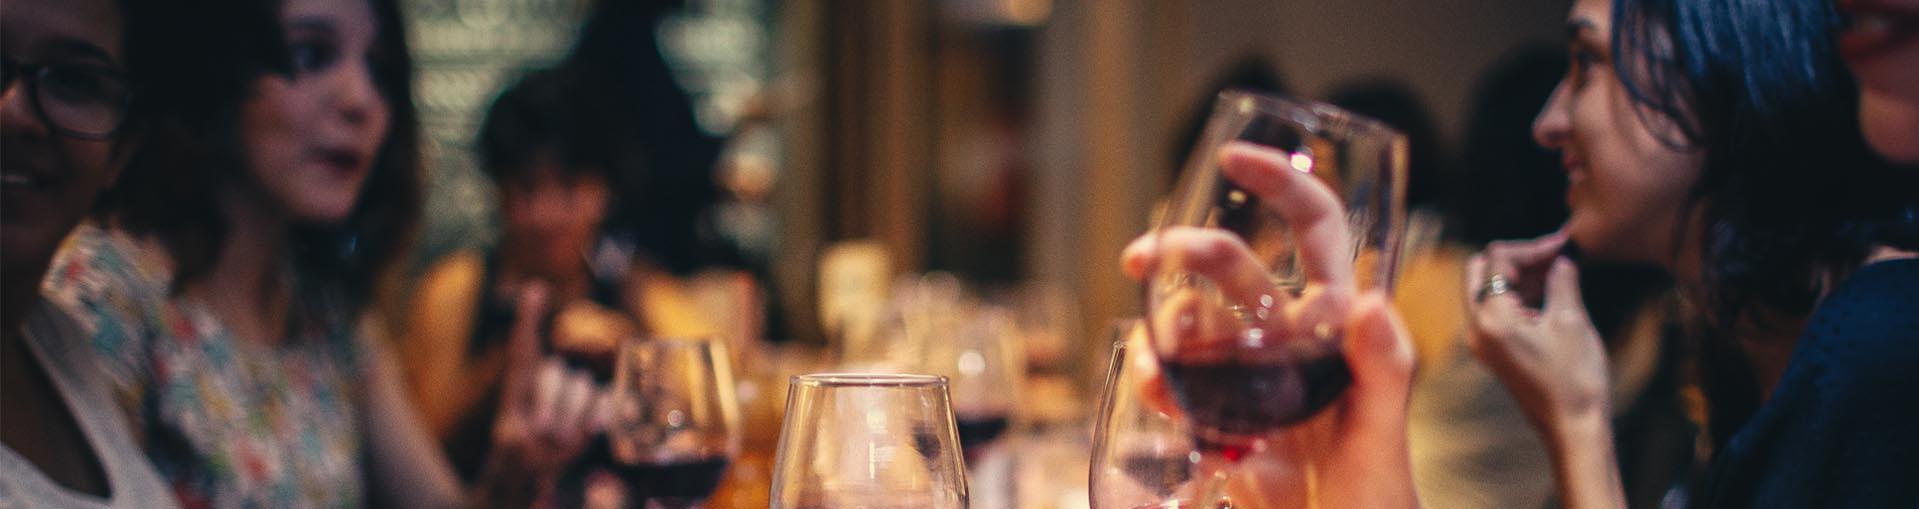 Os melhores vinhos são aqueles que são divididos com os amigos!